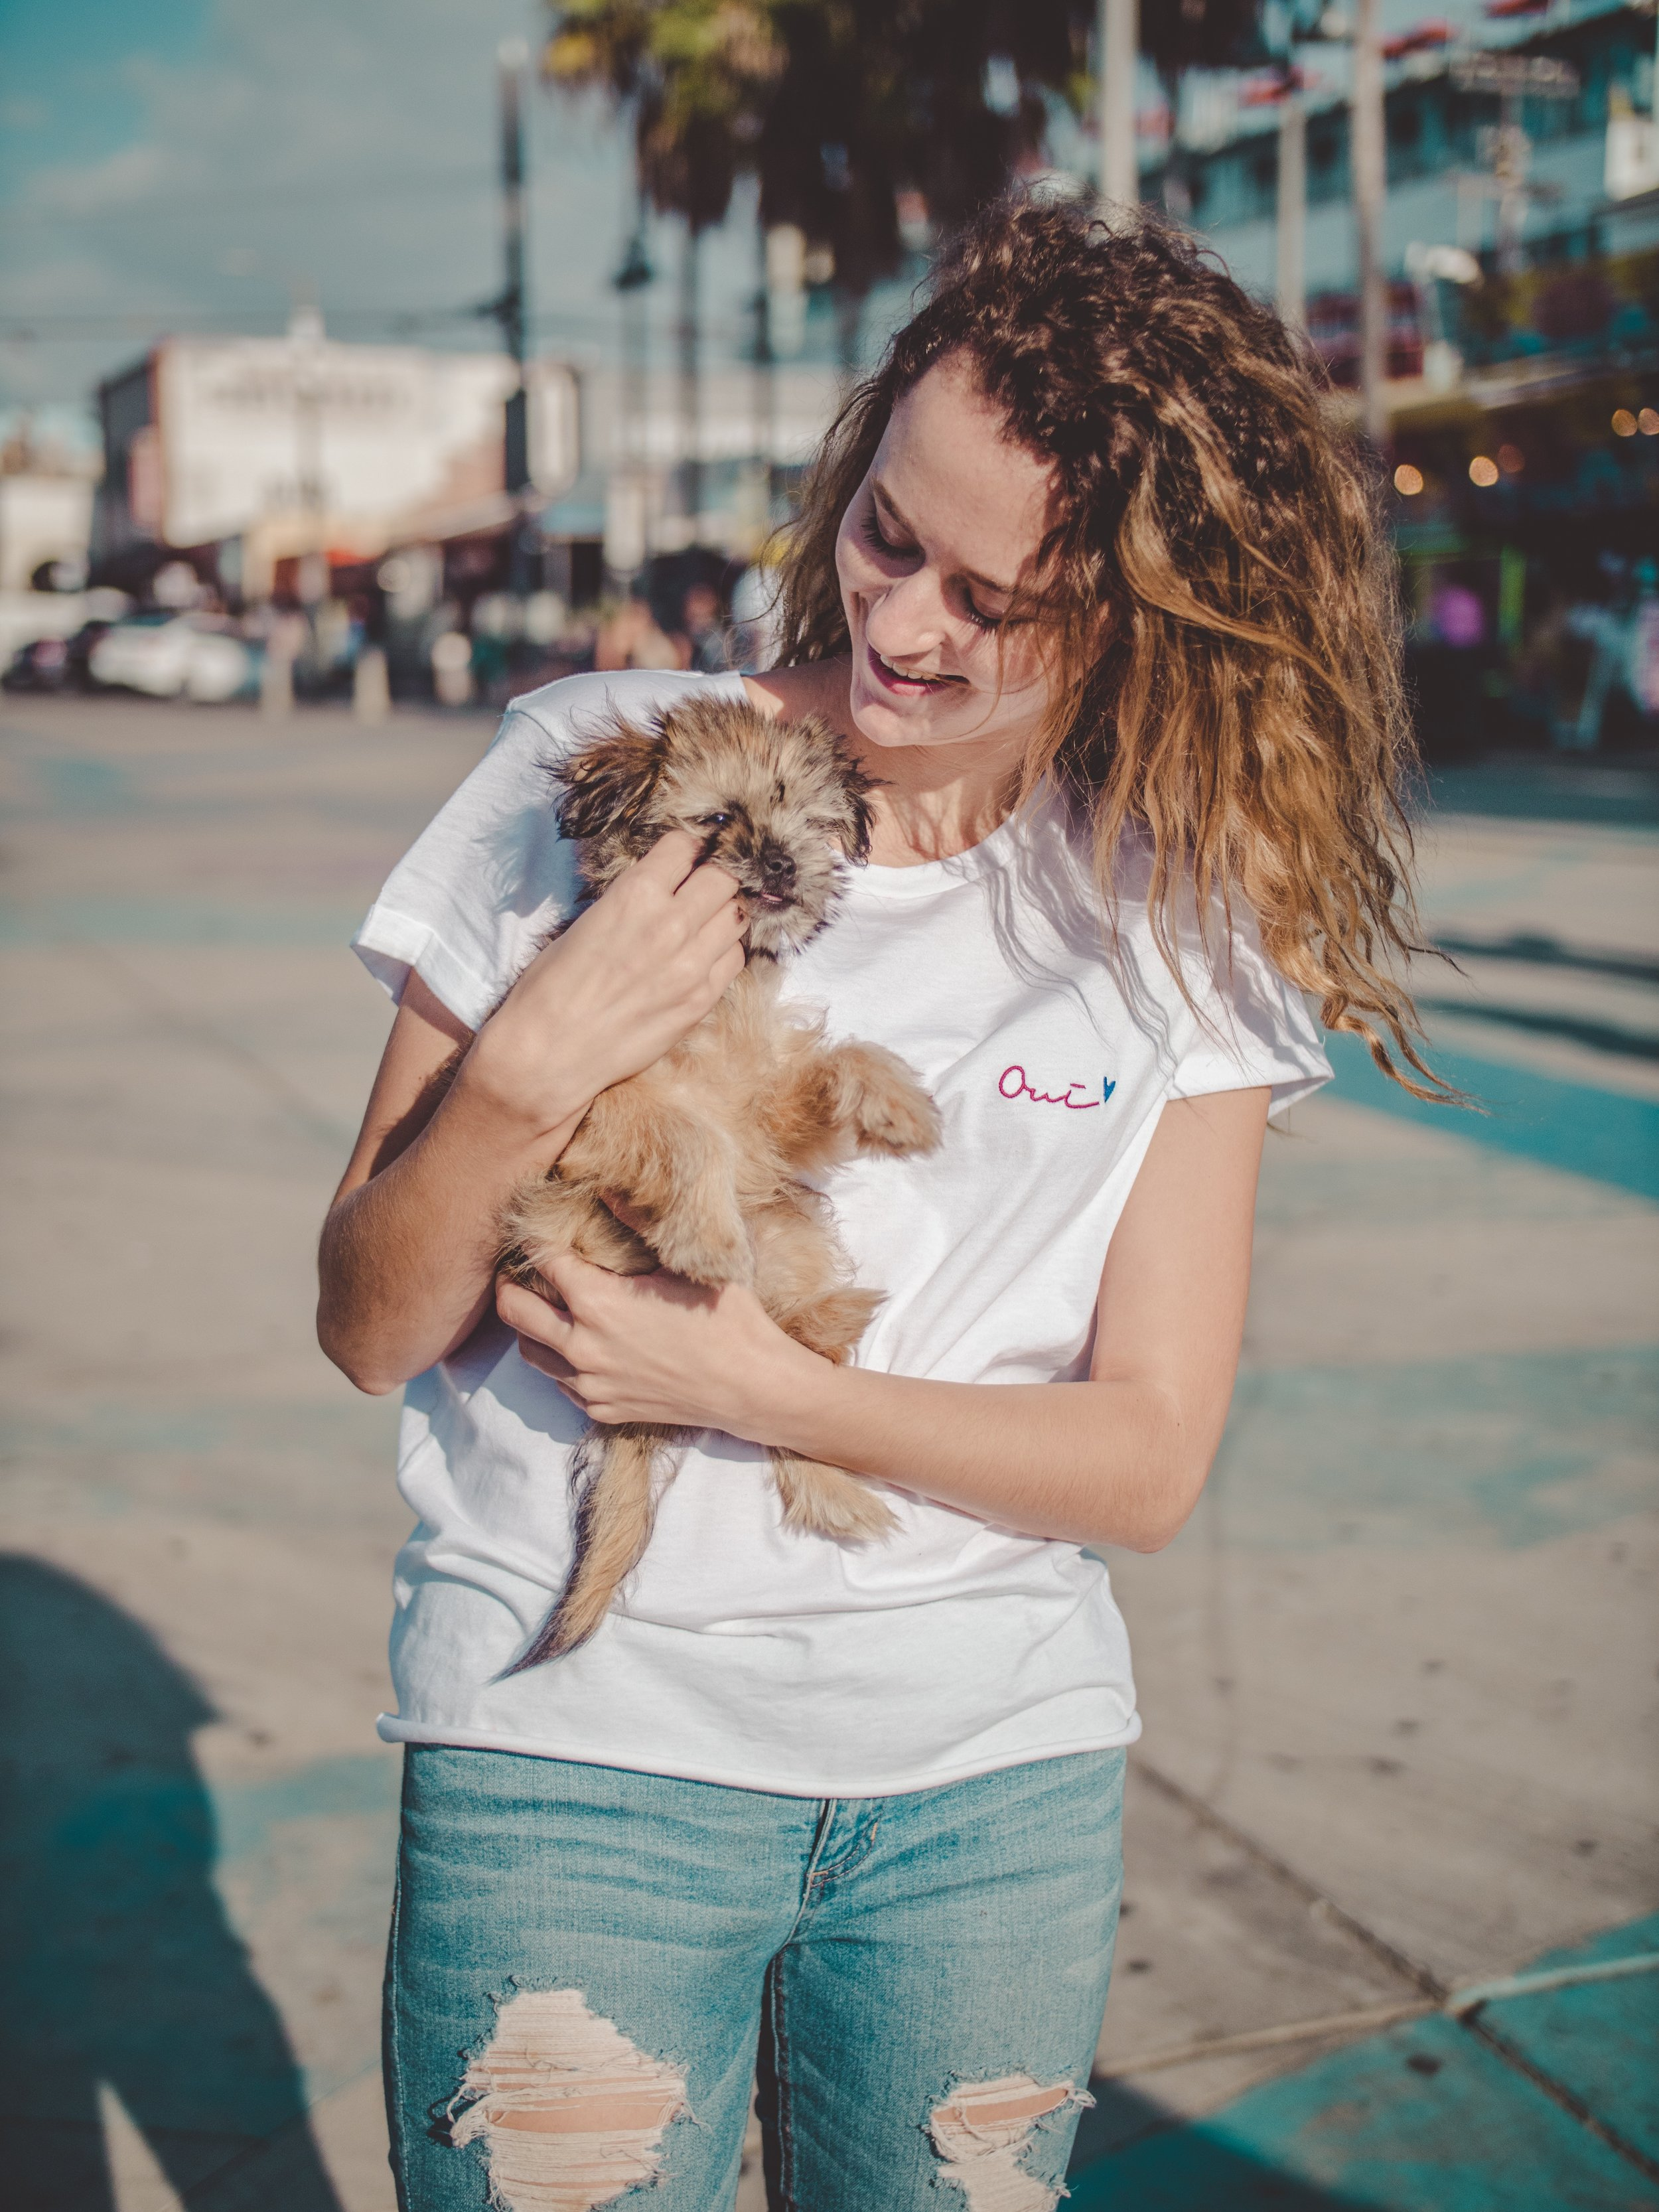 Adopt a puppy in Santa Monica